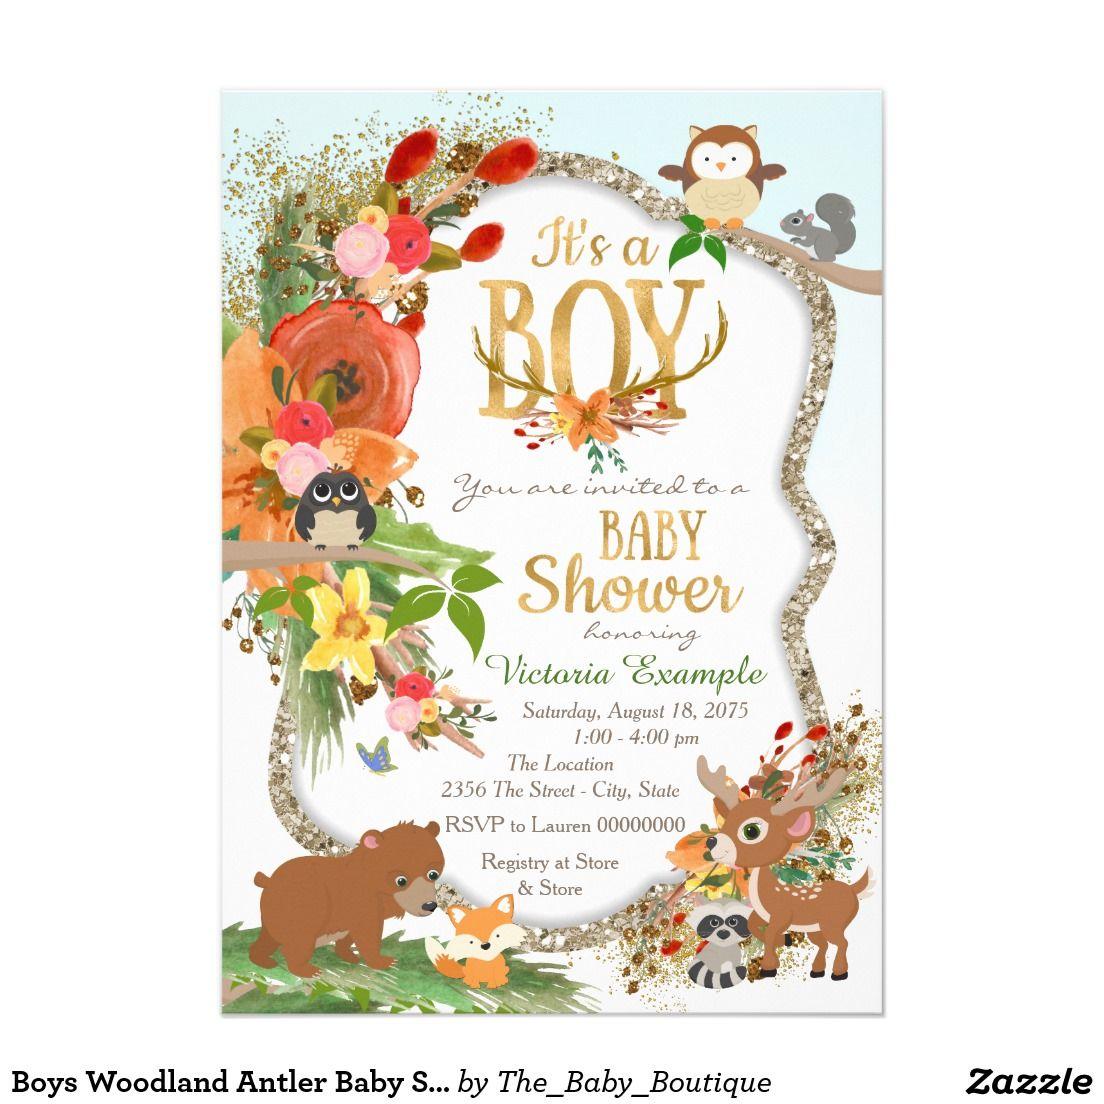 boys woodland antler baby shower invitation  zazzle